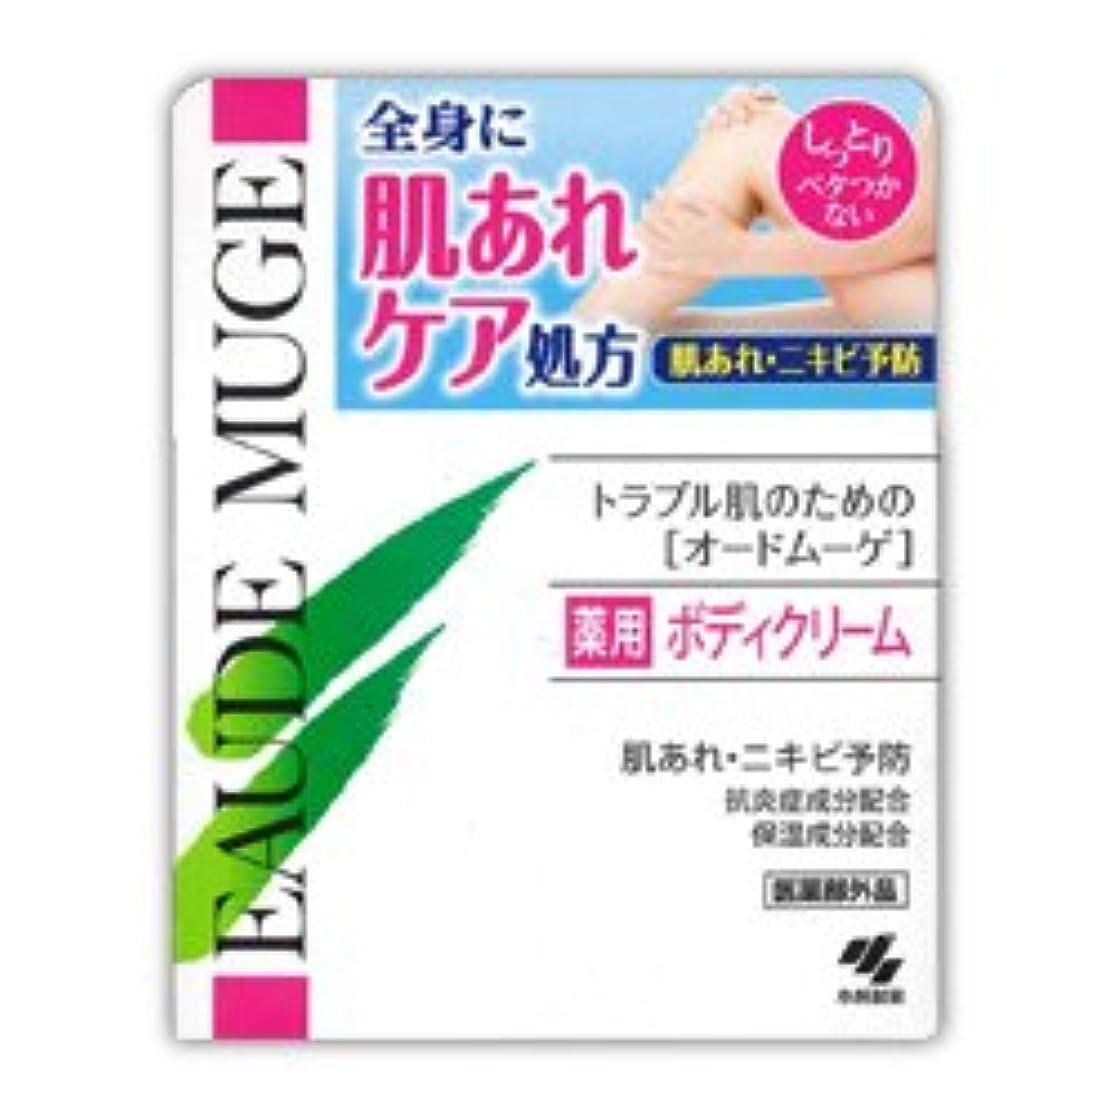 温帯マーキーびっくりする【小林製薬】オードムーゲ 薬用ボディクリーム 160g(医薬部外品)